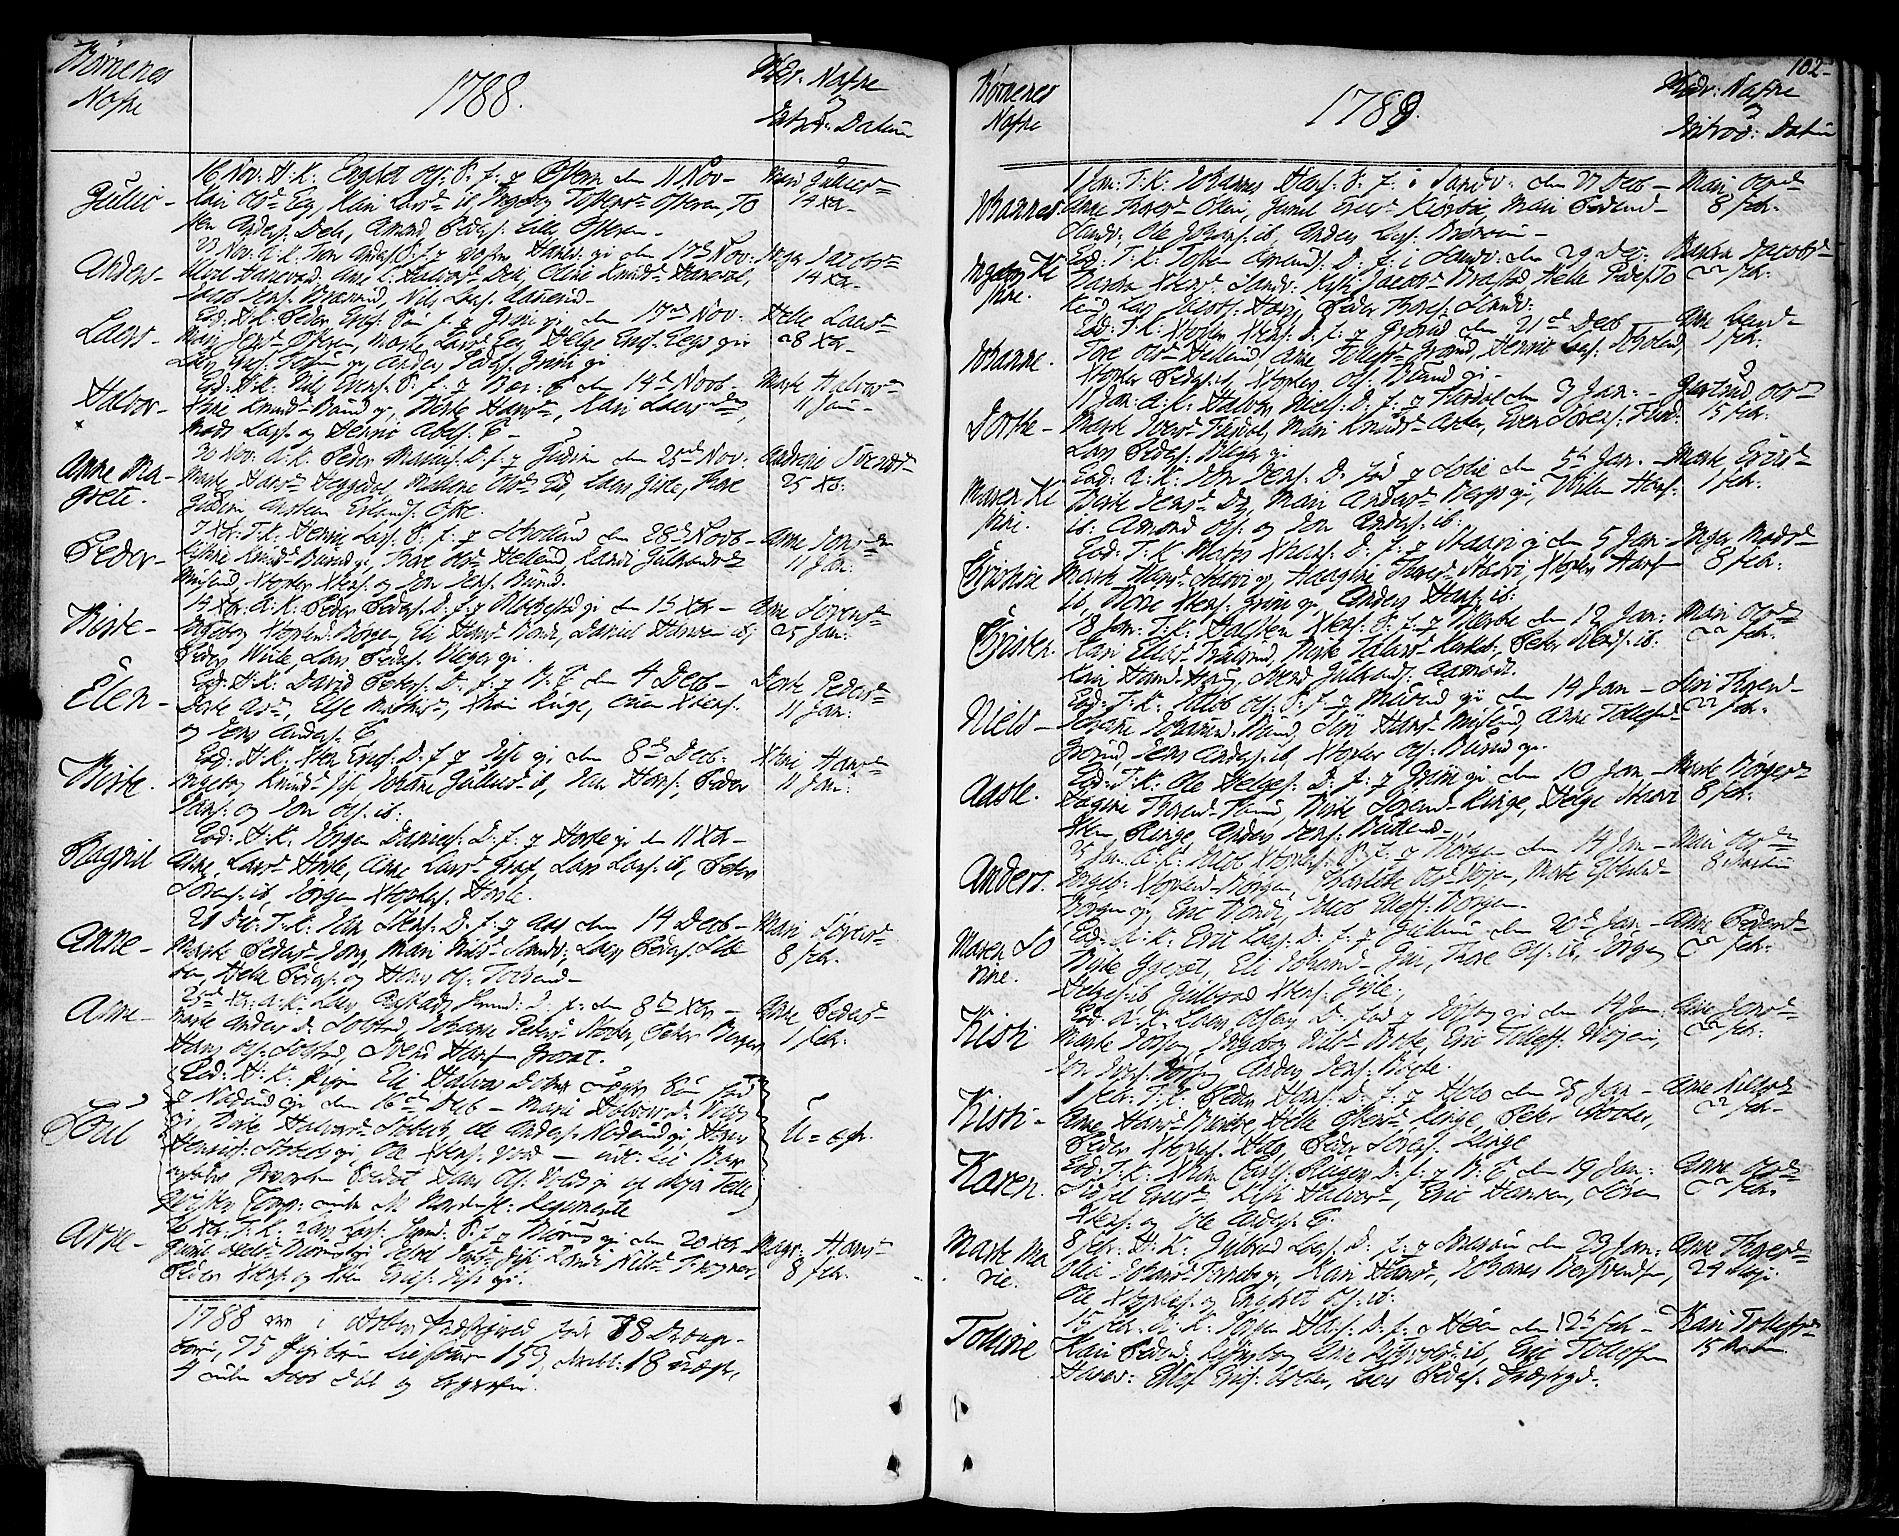 SAO, Asker prestekontor Kirkebøker, F/Fa/L0003: Ministerialbok nr. I 3, 1767-1807, s. 102